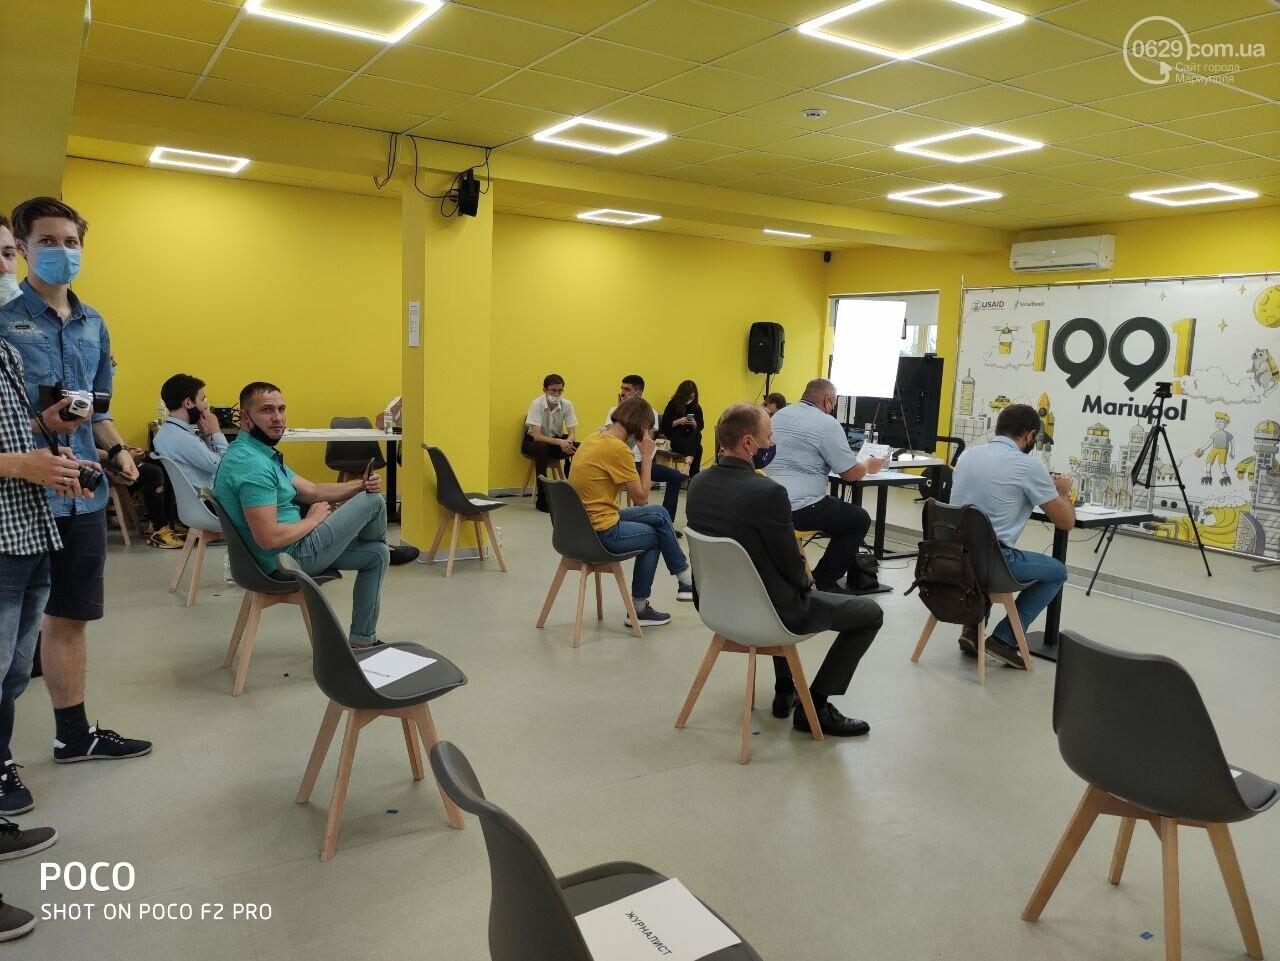 В Мариуполе стартаперы получили 100 тысяч гривен на создание уникального сервиса, - ФОТО, фото-8